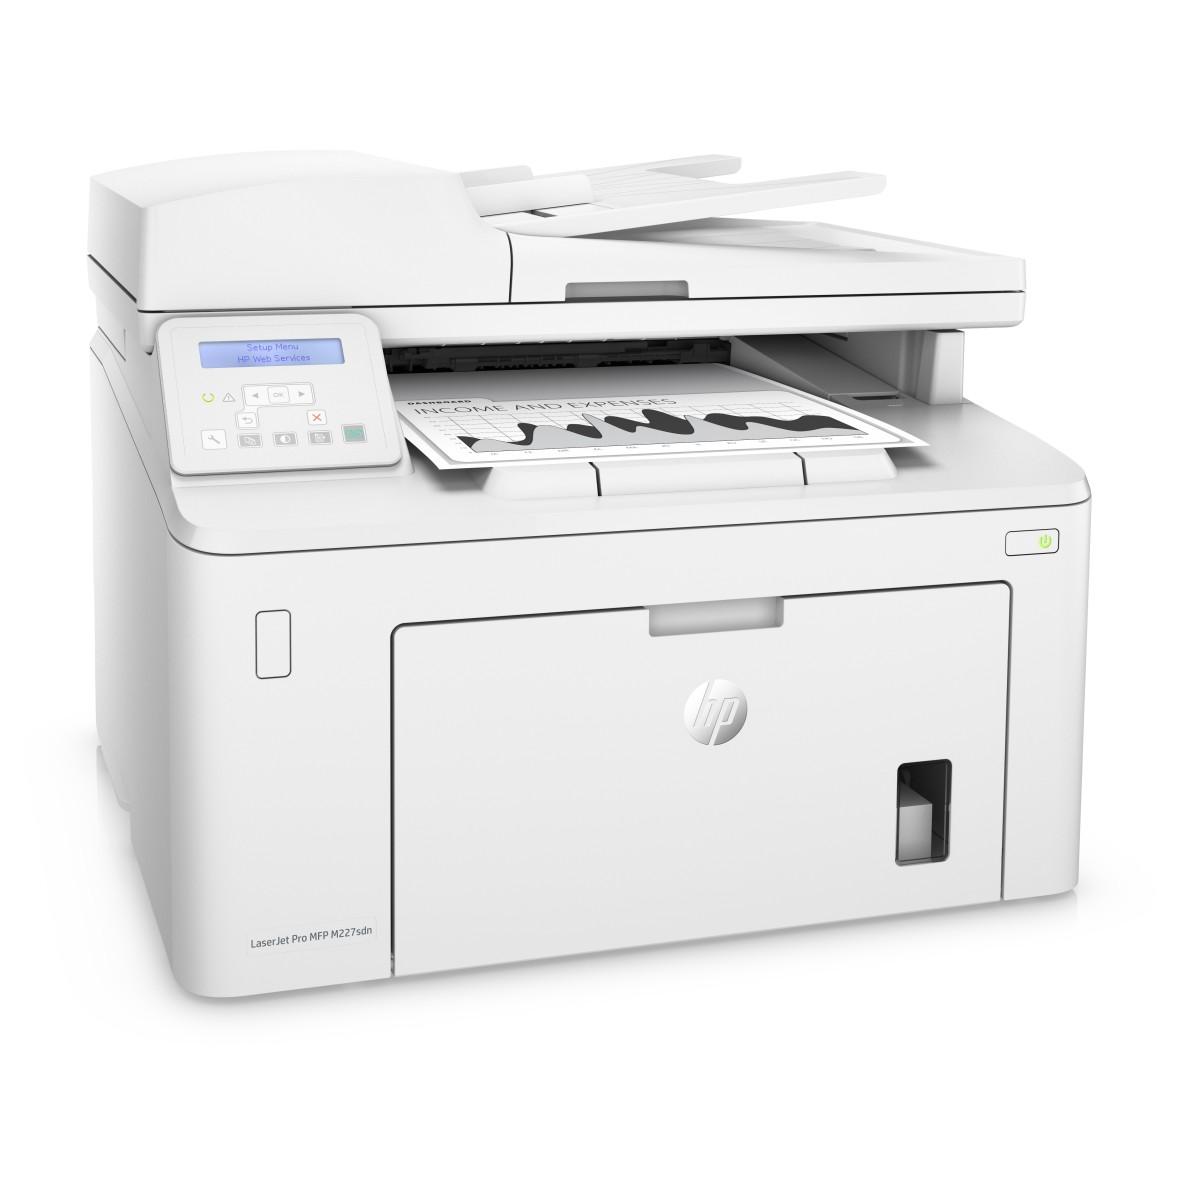 HP LaserJet Pro M227sdn (G3Q74A#B19)